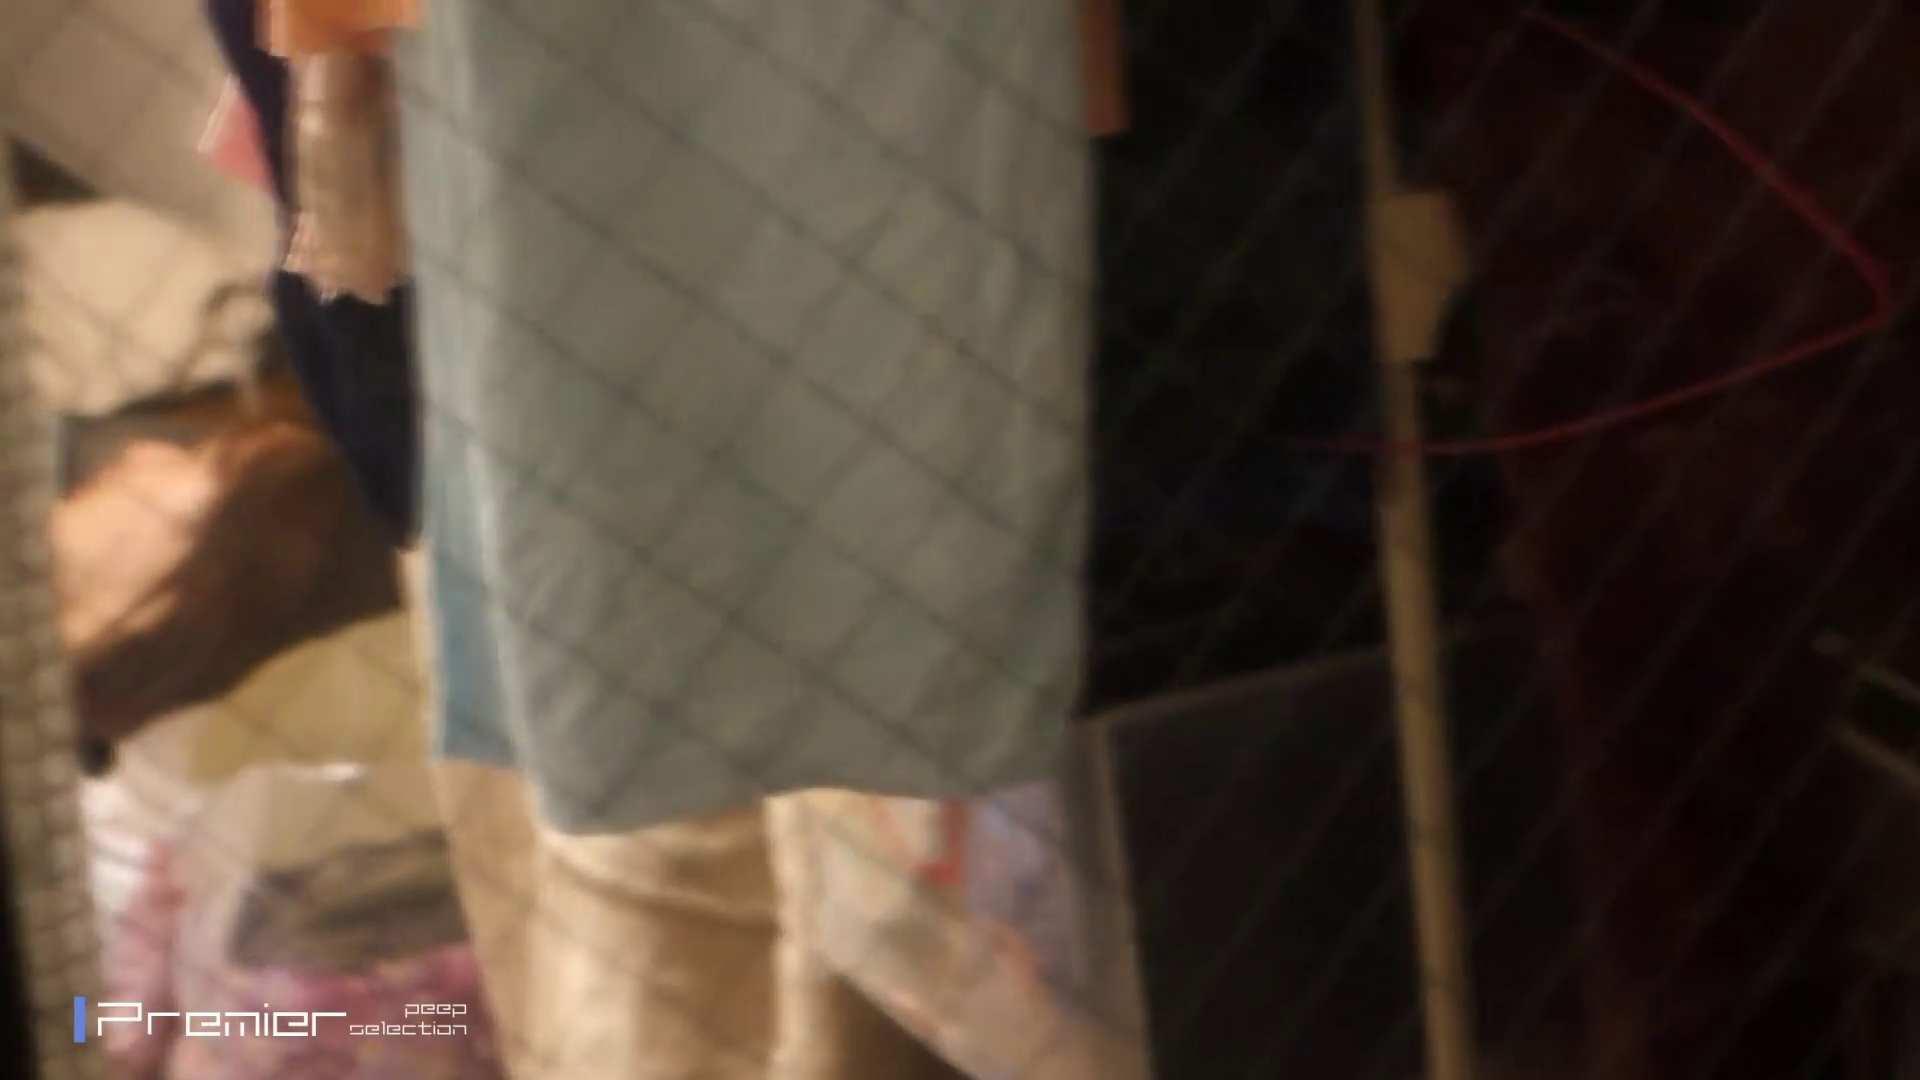 ヤリマンのオマンコ:美女達の私生活に潜入!★帰ってきたS級女子大生★未公開の私生活:怪盗ジョーカー